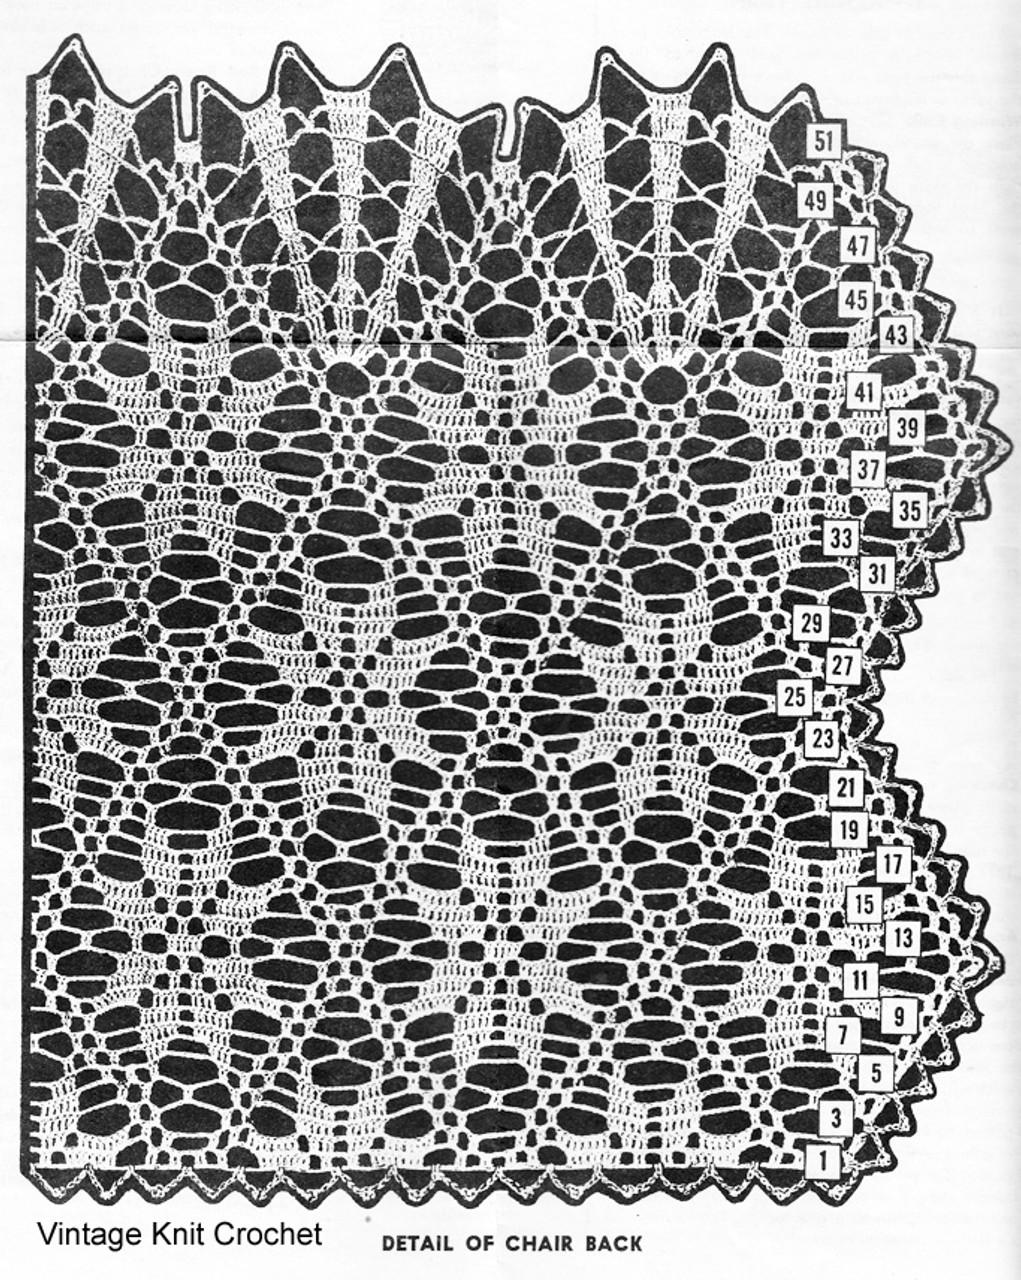 Crochet Flower Chair Doily Illustration for Laura Wheeler 847